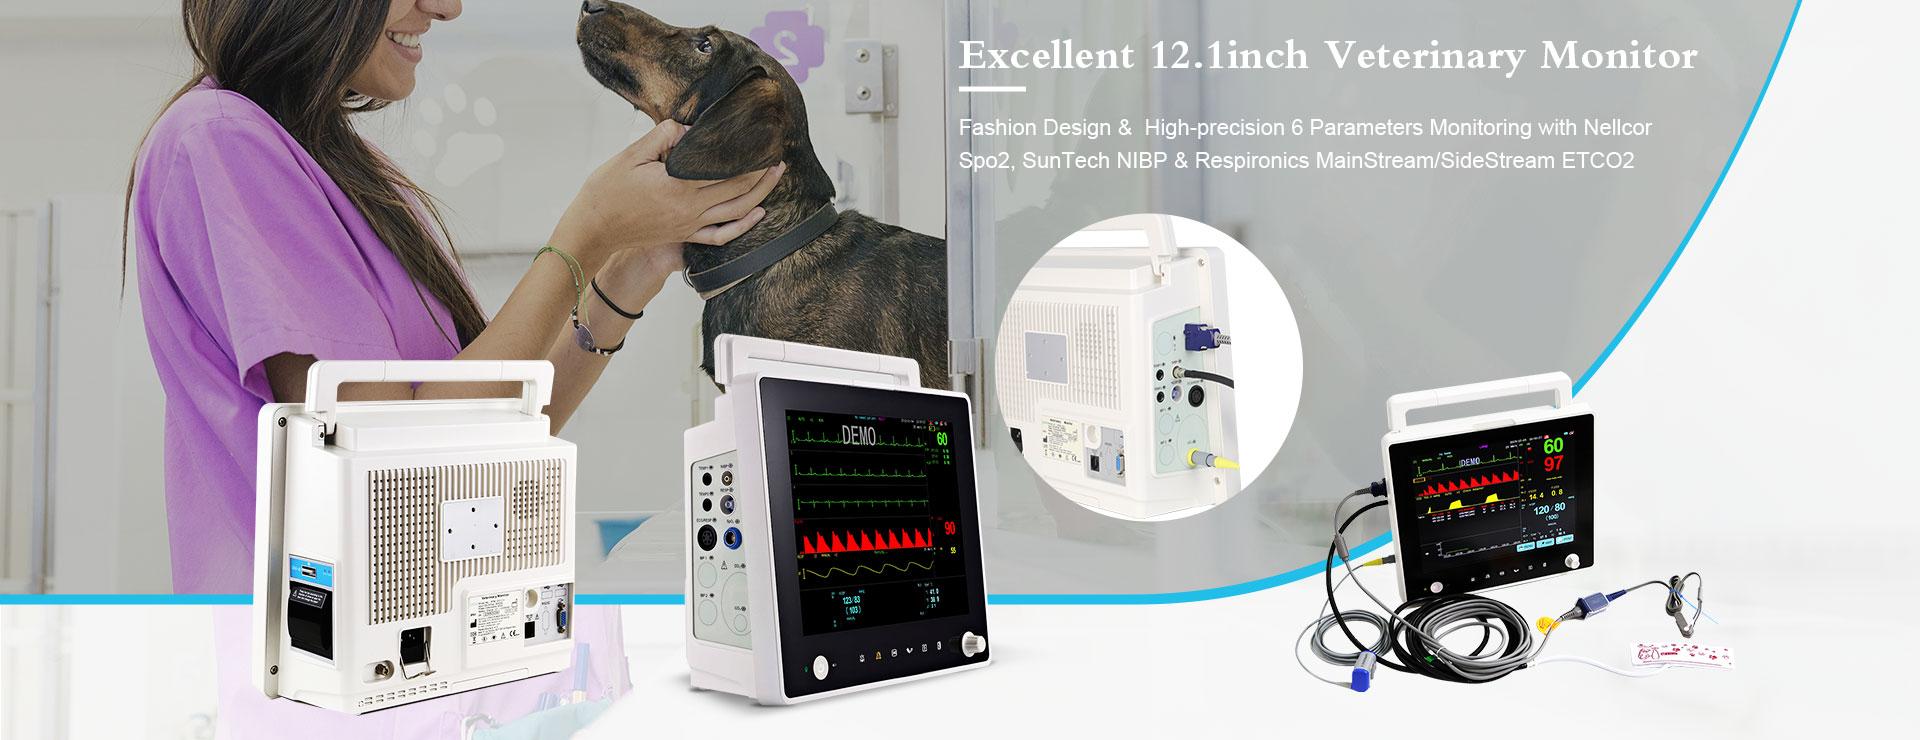 Veterinary Monitor E Series